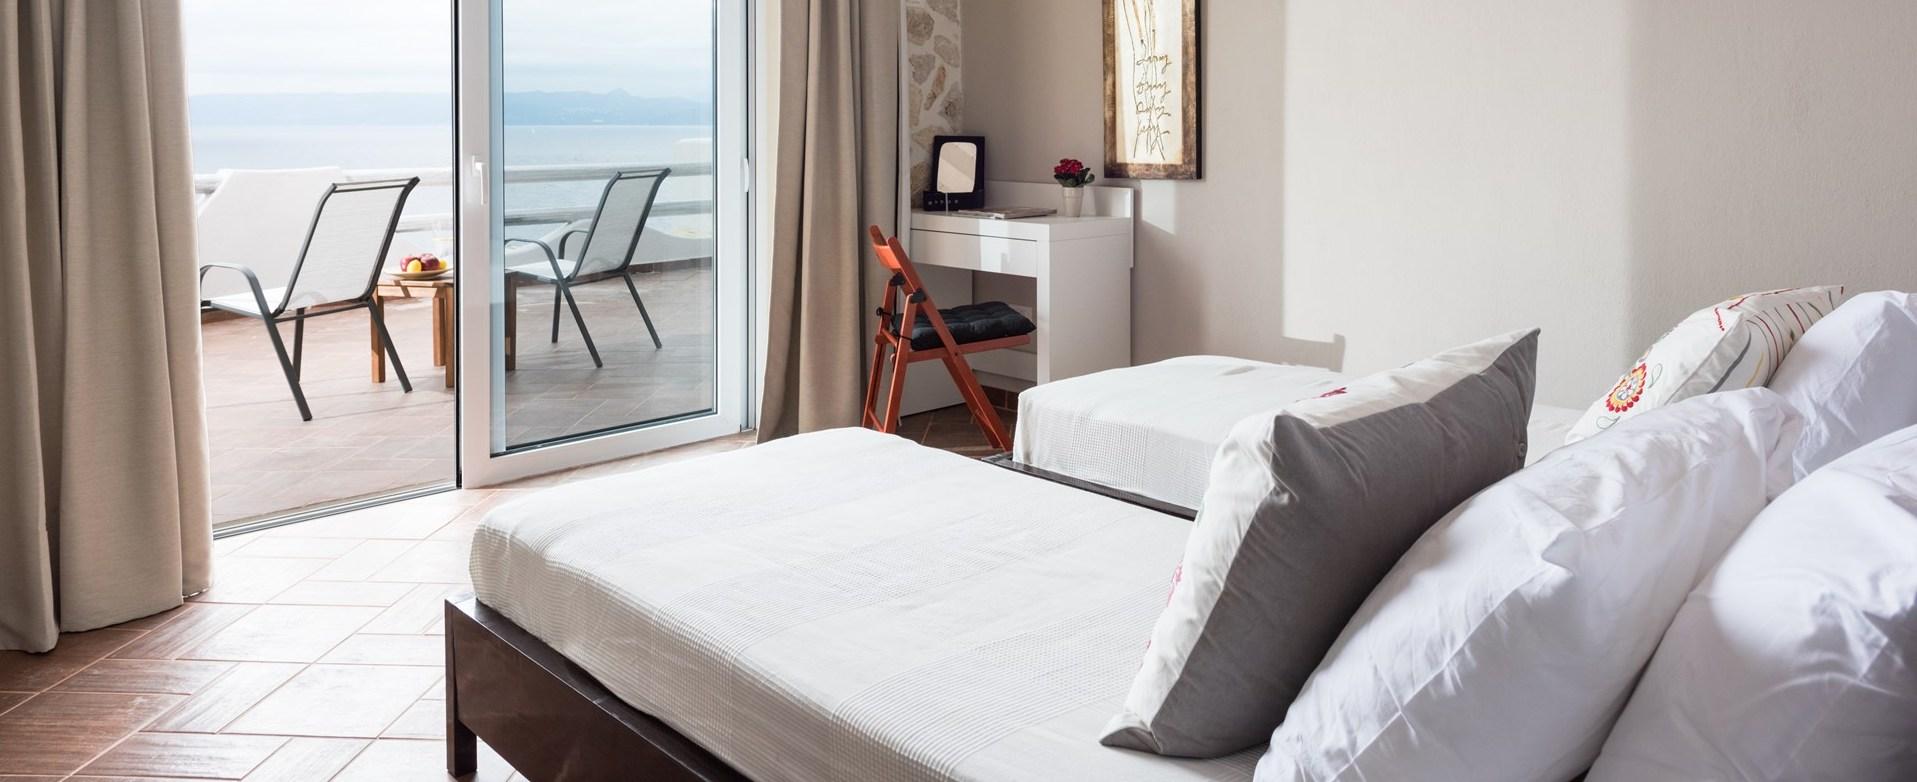 villa-pandora-twin-bedroom2